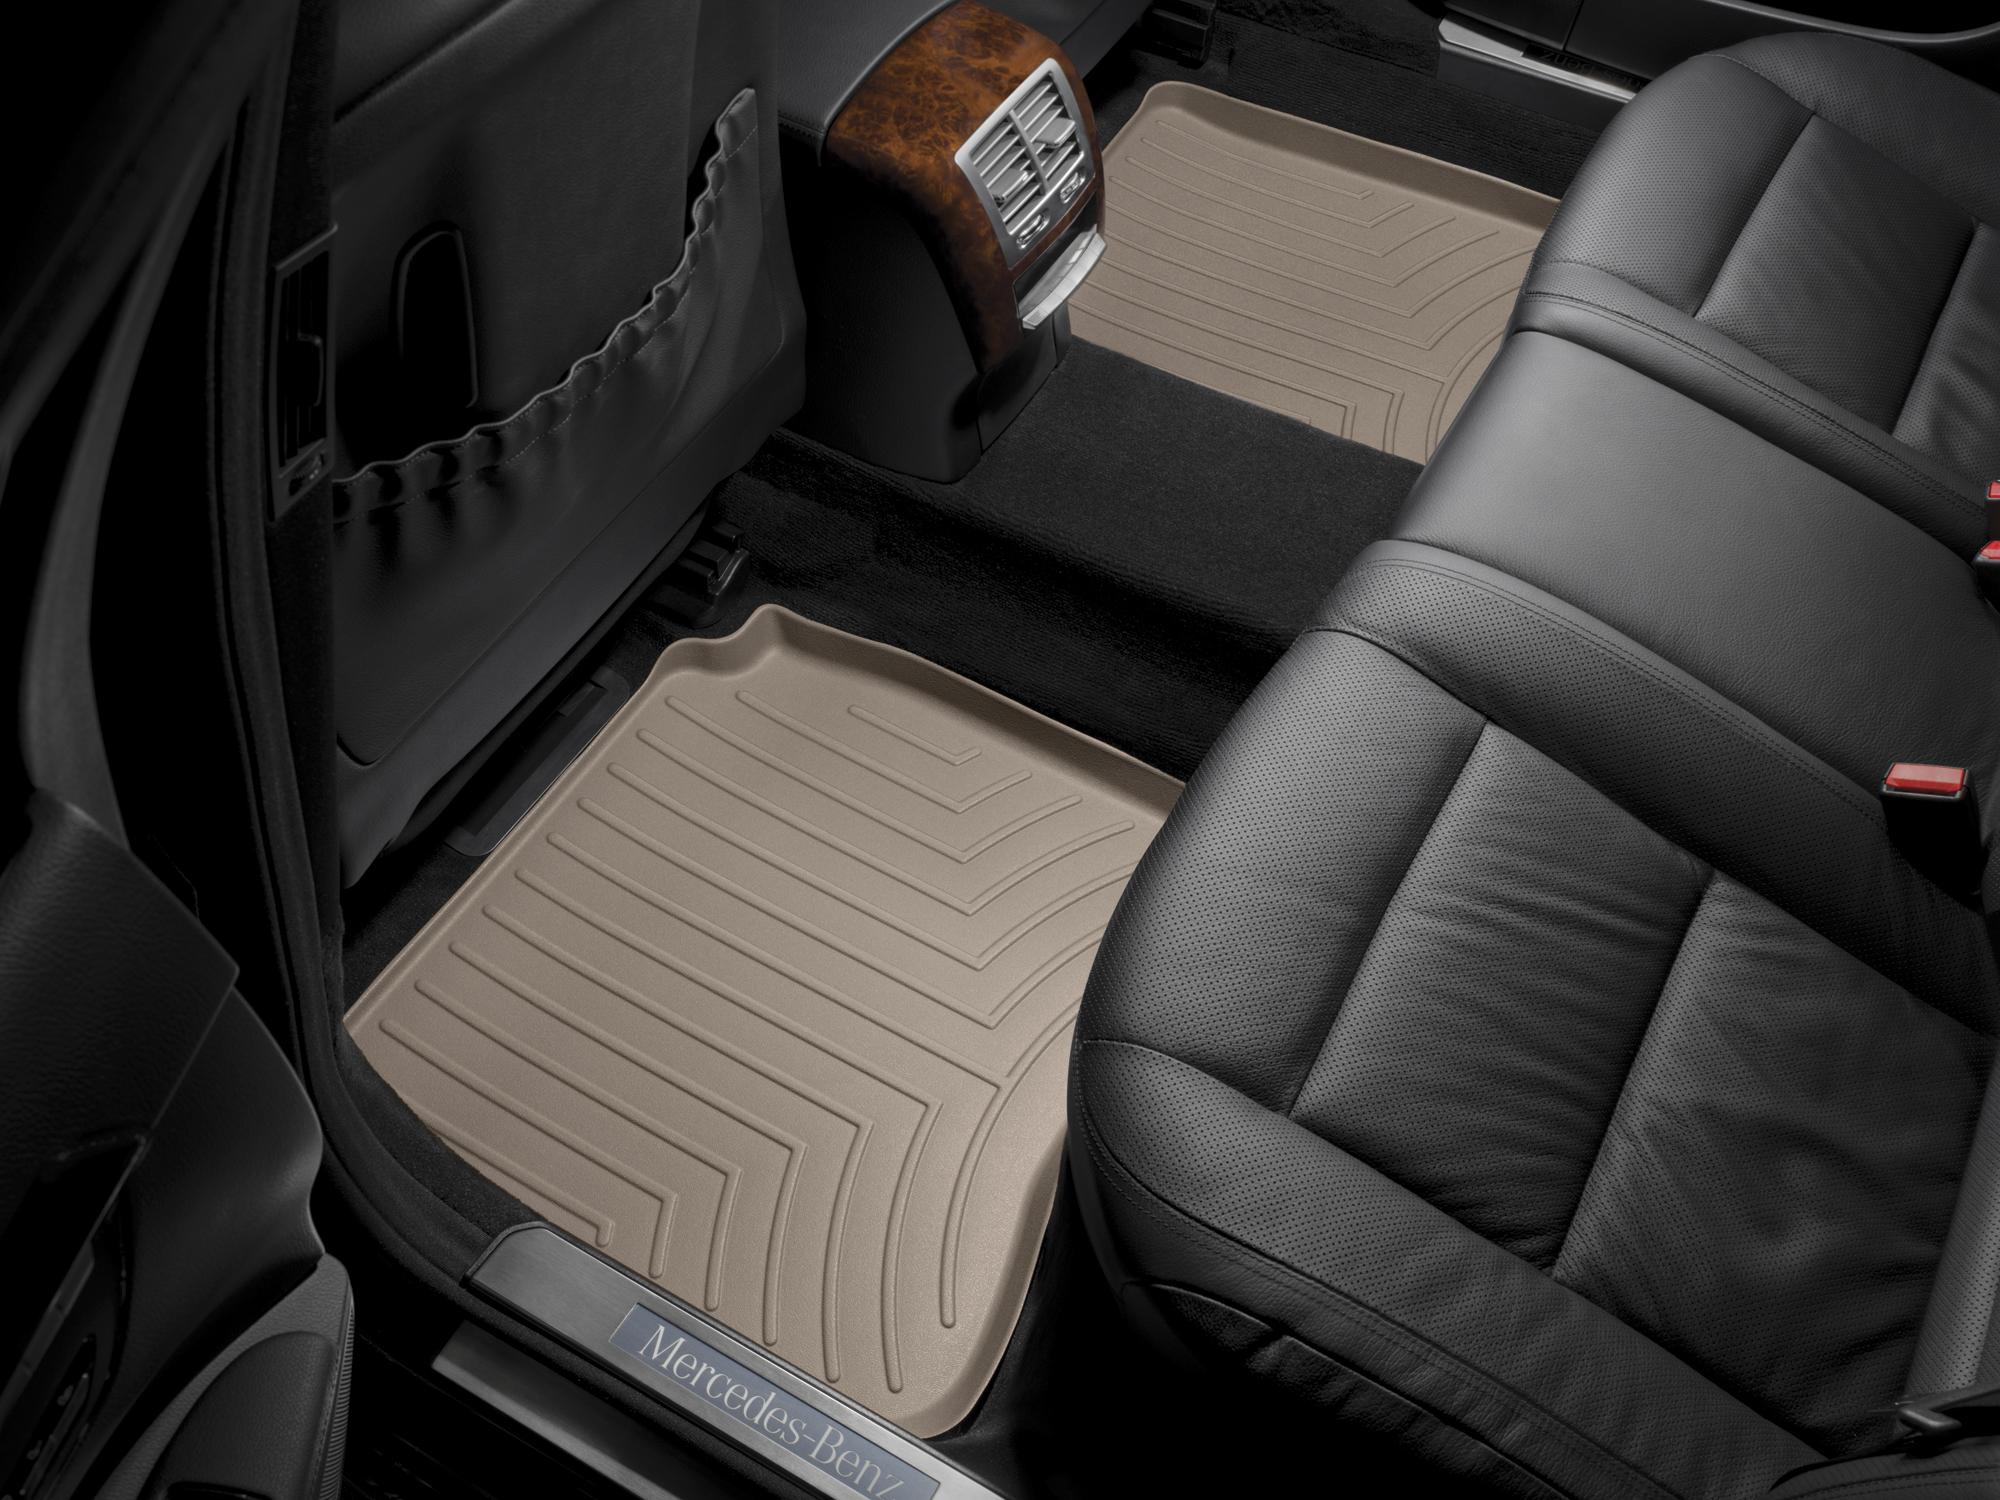 Tappeti gomma su misura bordo alto Mercedes S-Class 06>12 Marrone A2558